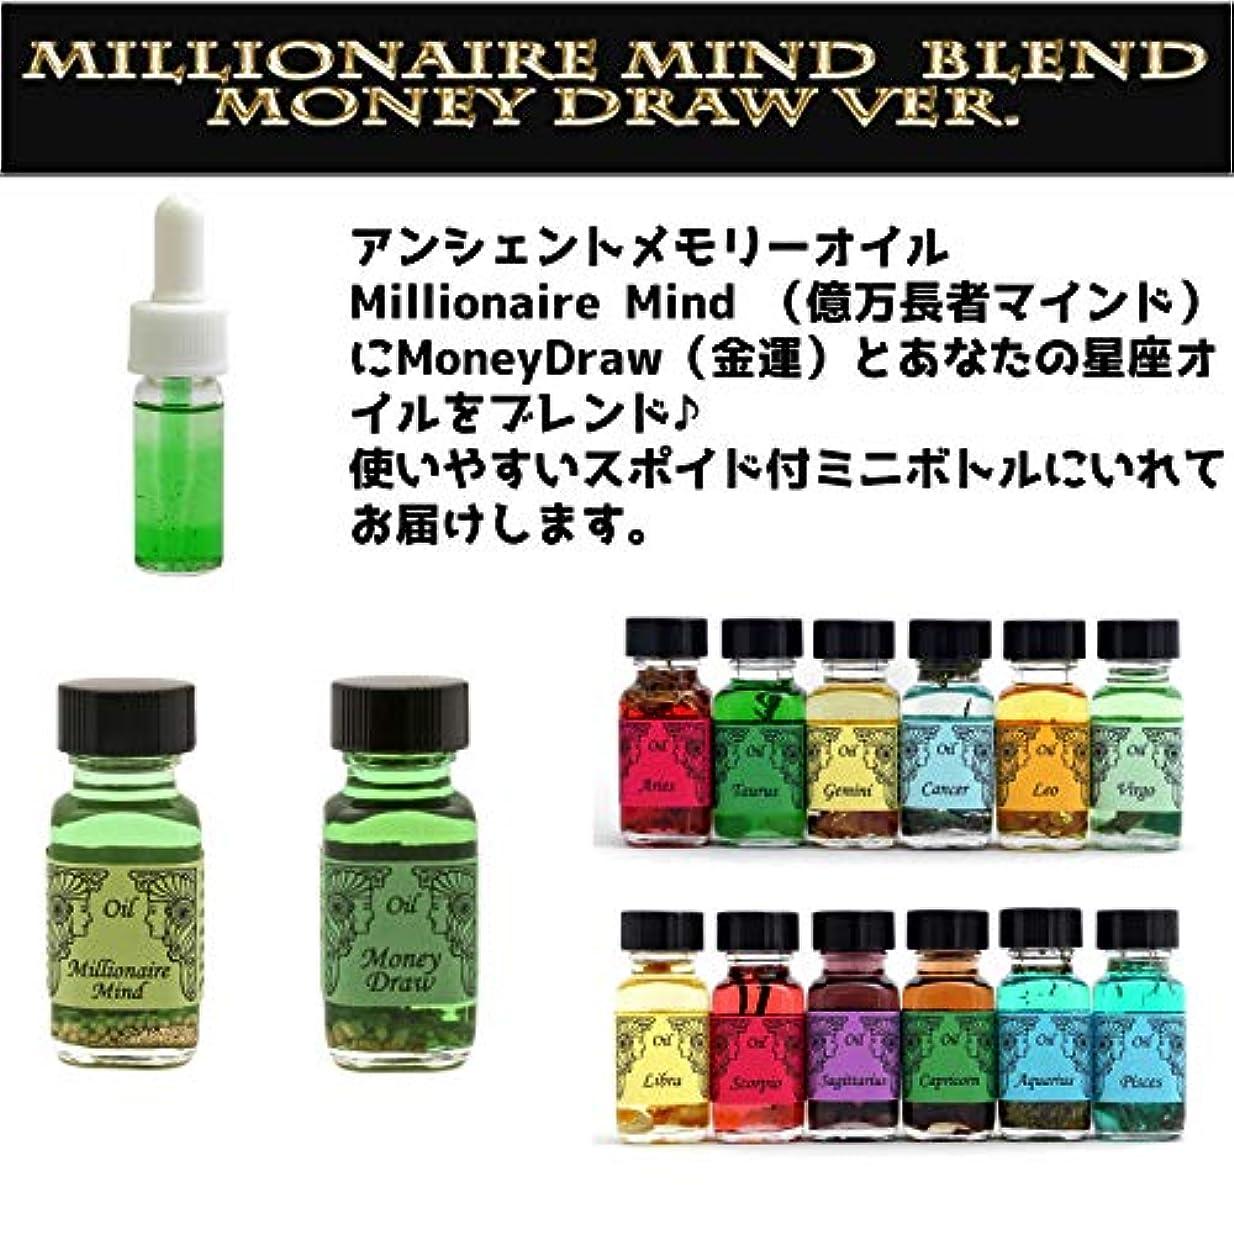 解任交流する眼アンシェントメモリーオイル Millionaire Mind 億万長者マインド ブレンド(Money Drawマネードロー(金運)&おとめ座